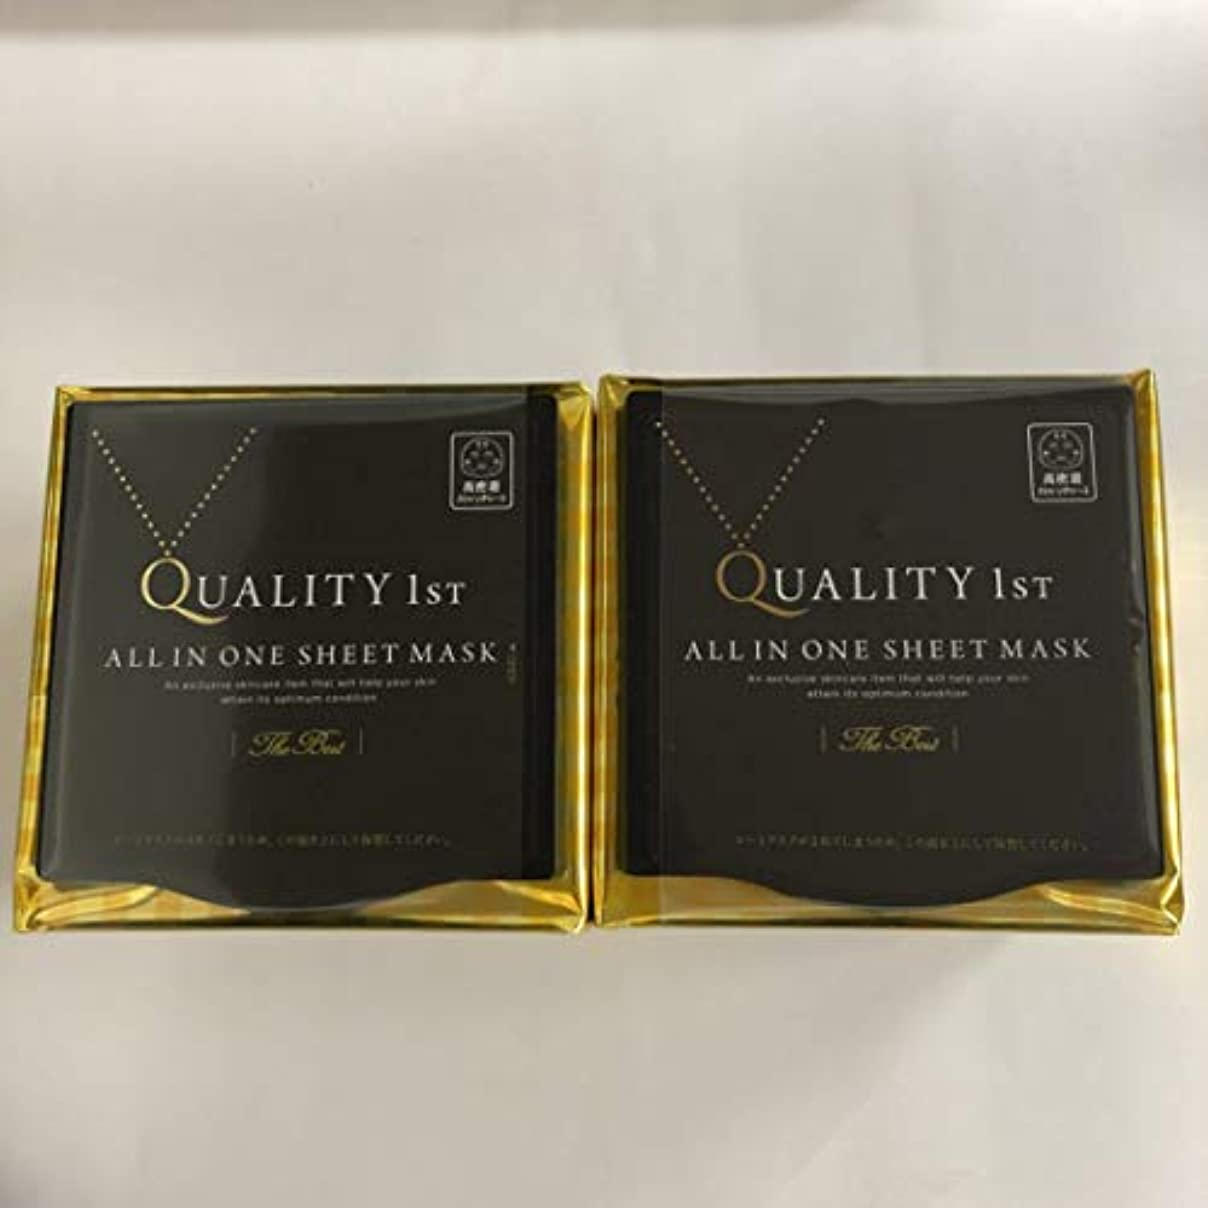 断言するパイント勝つオールインワンシートマスク ザ?ベストEX (30枚) BOX 2個セット+角質ケアサンプル2PC